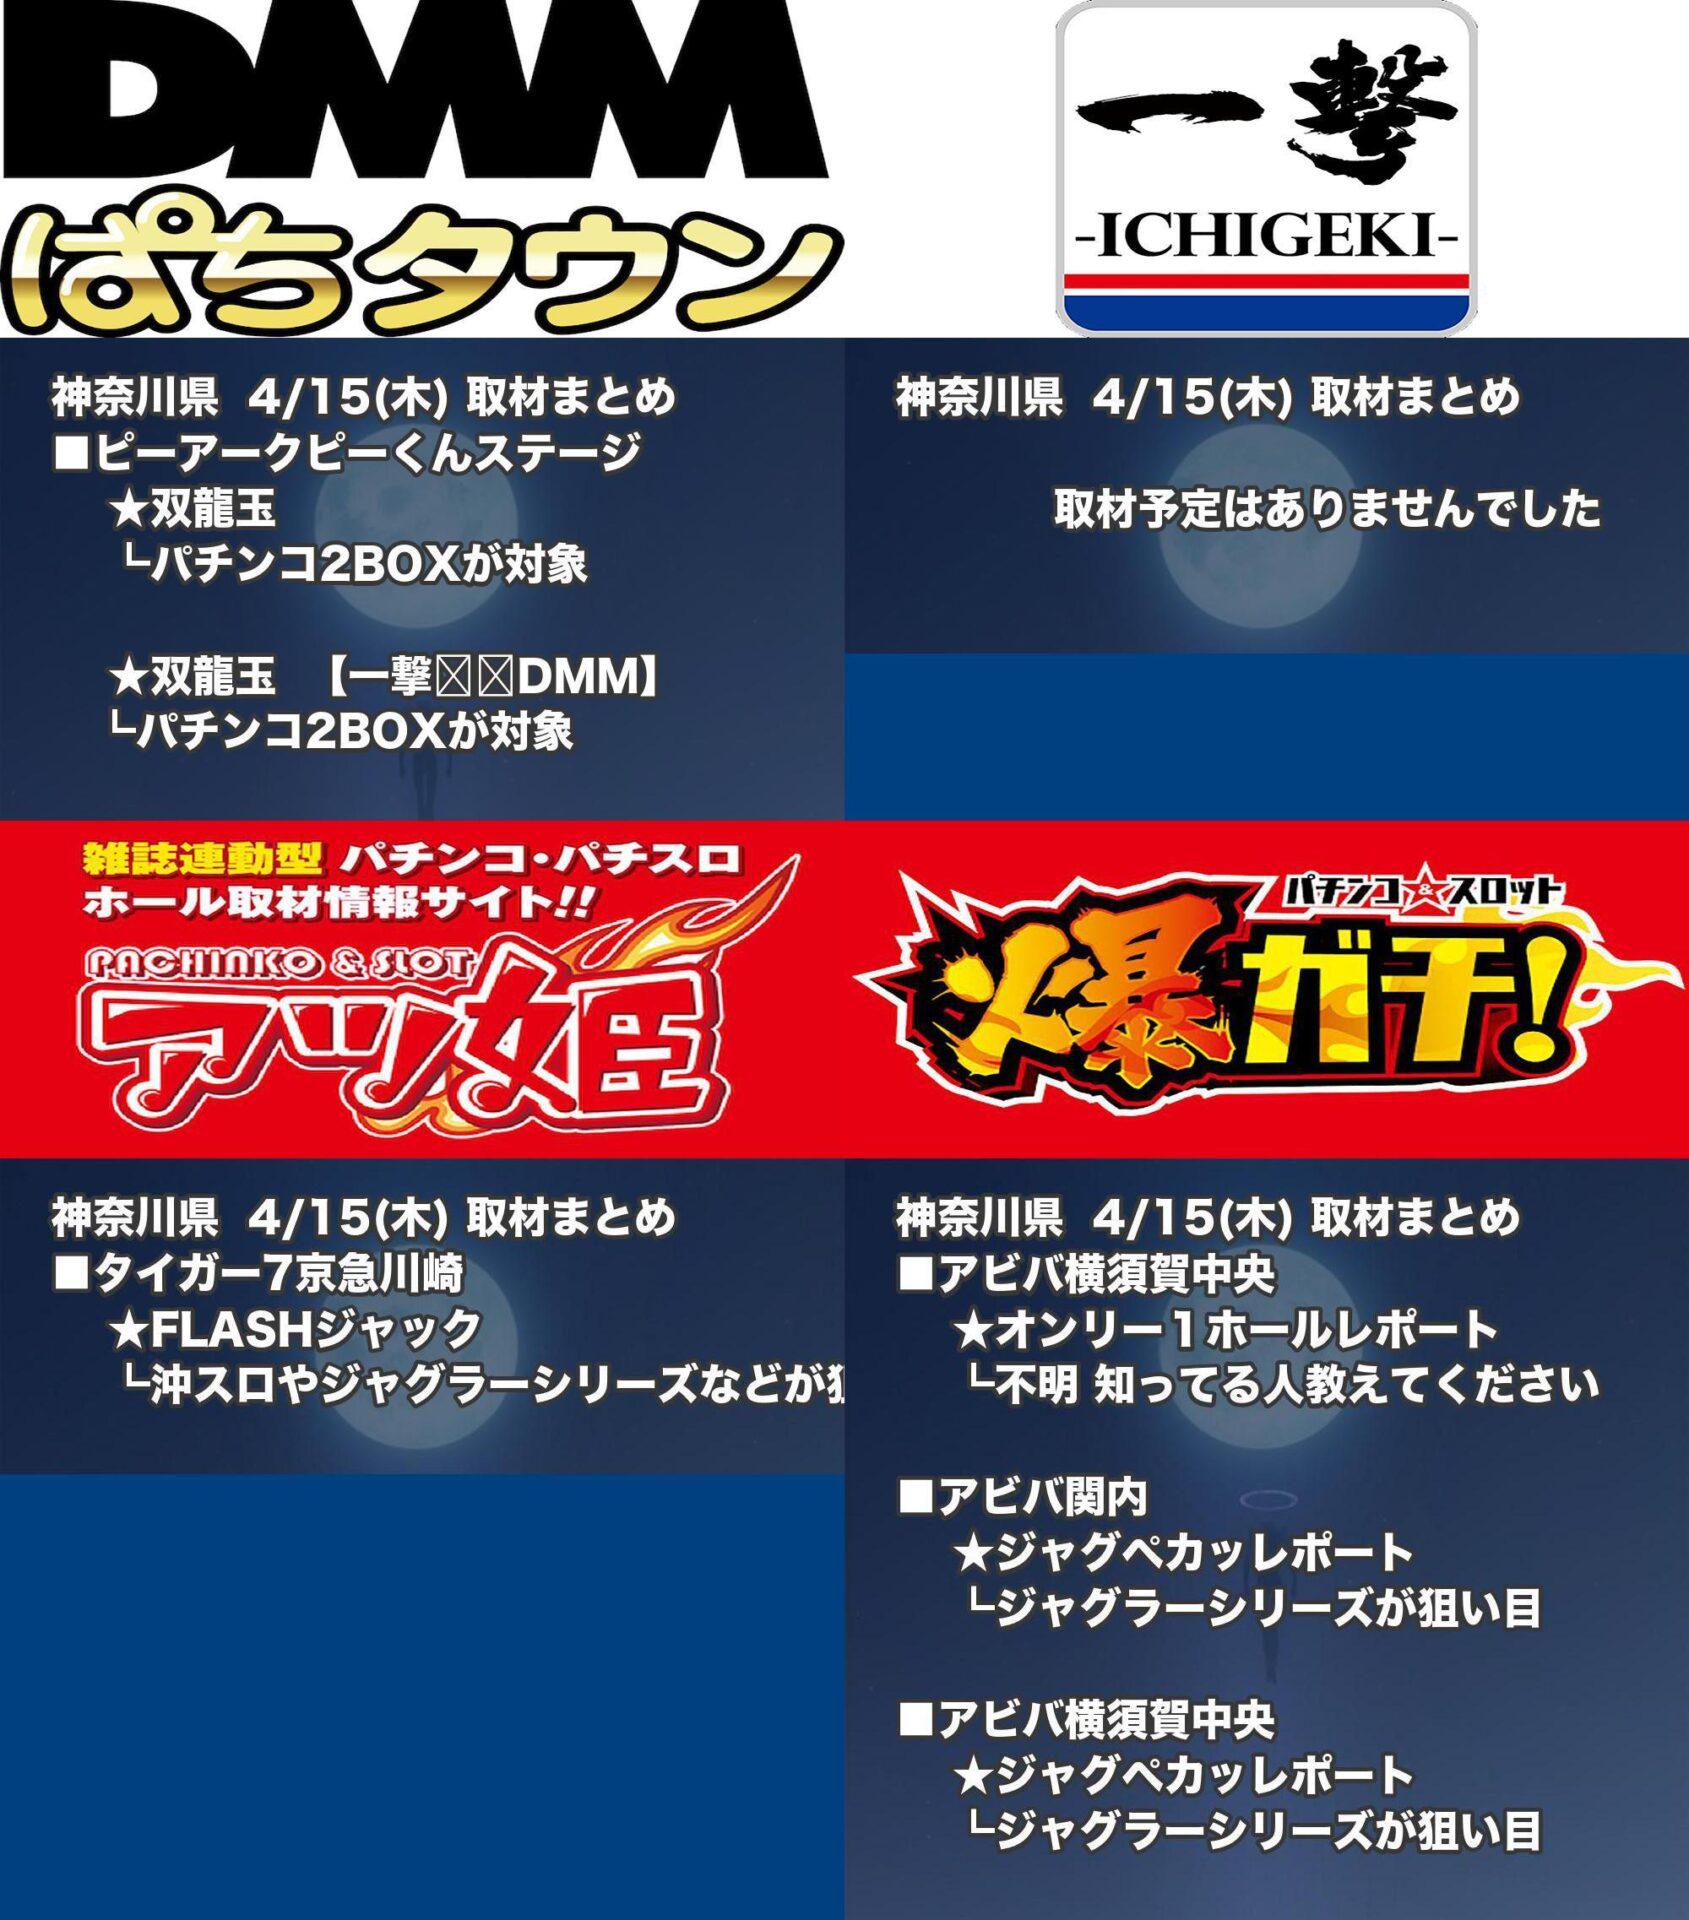 神奈川県_2021-04-15_パチンコ・パチスロ